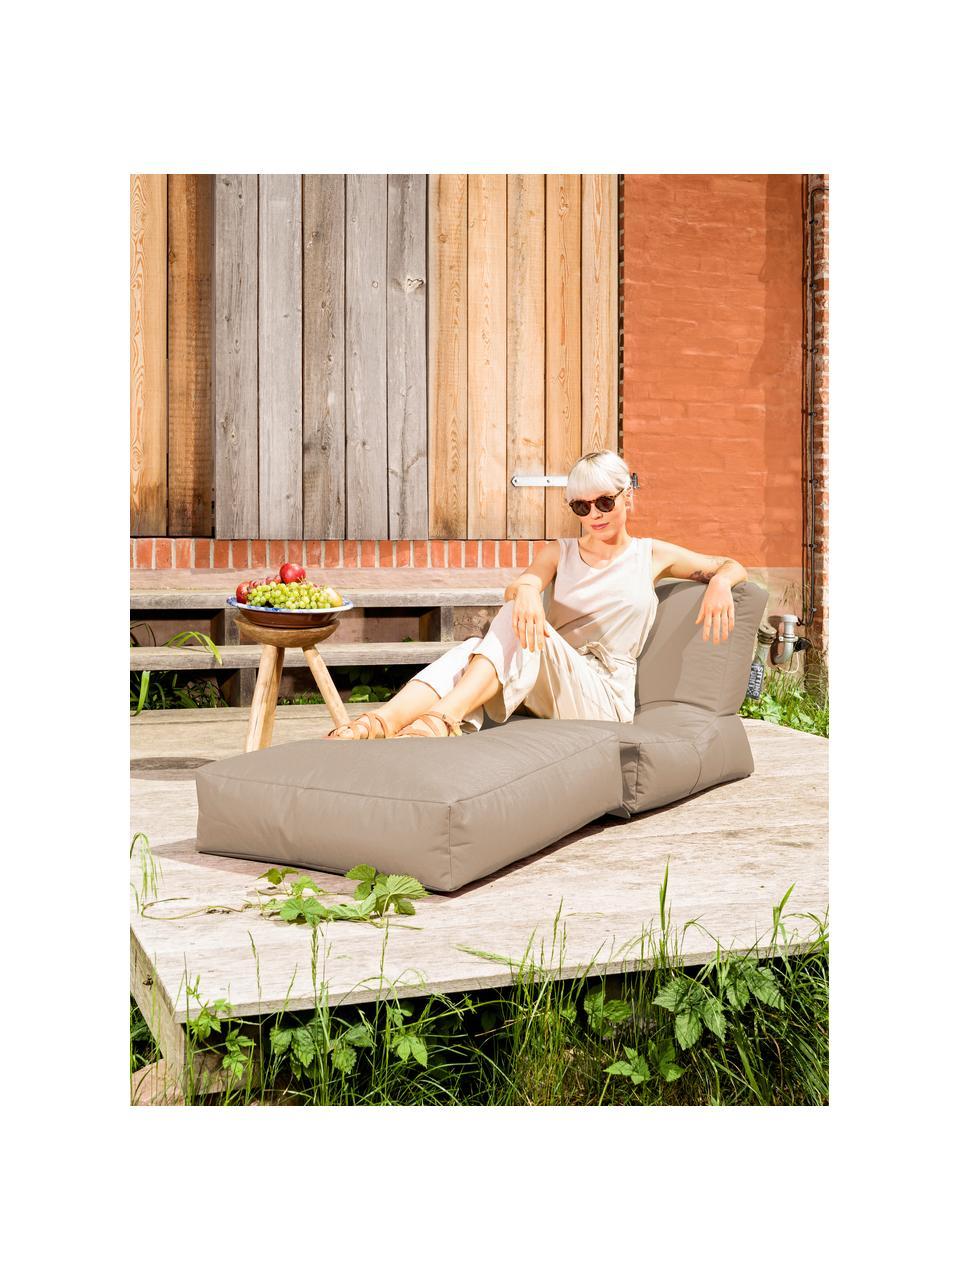 Poltrona letto da giardino Pop Up, Rivestimento: 100% poliestere All'inter, Cachi, Larg. 70 x Prof. 90 cm